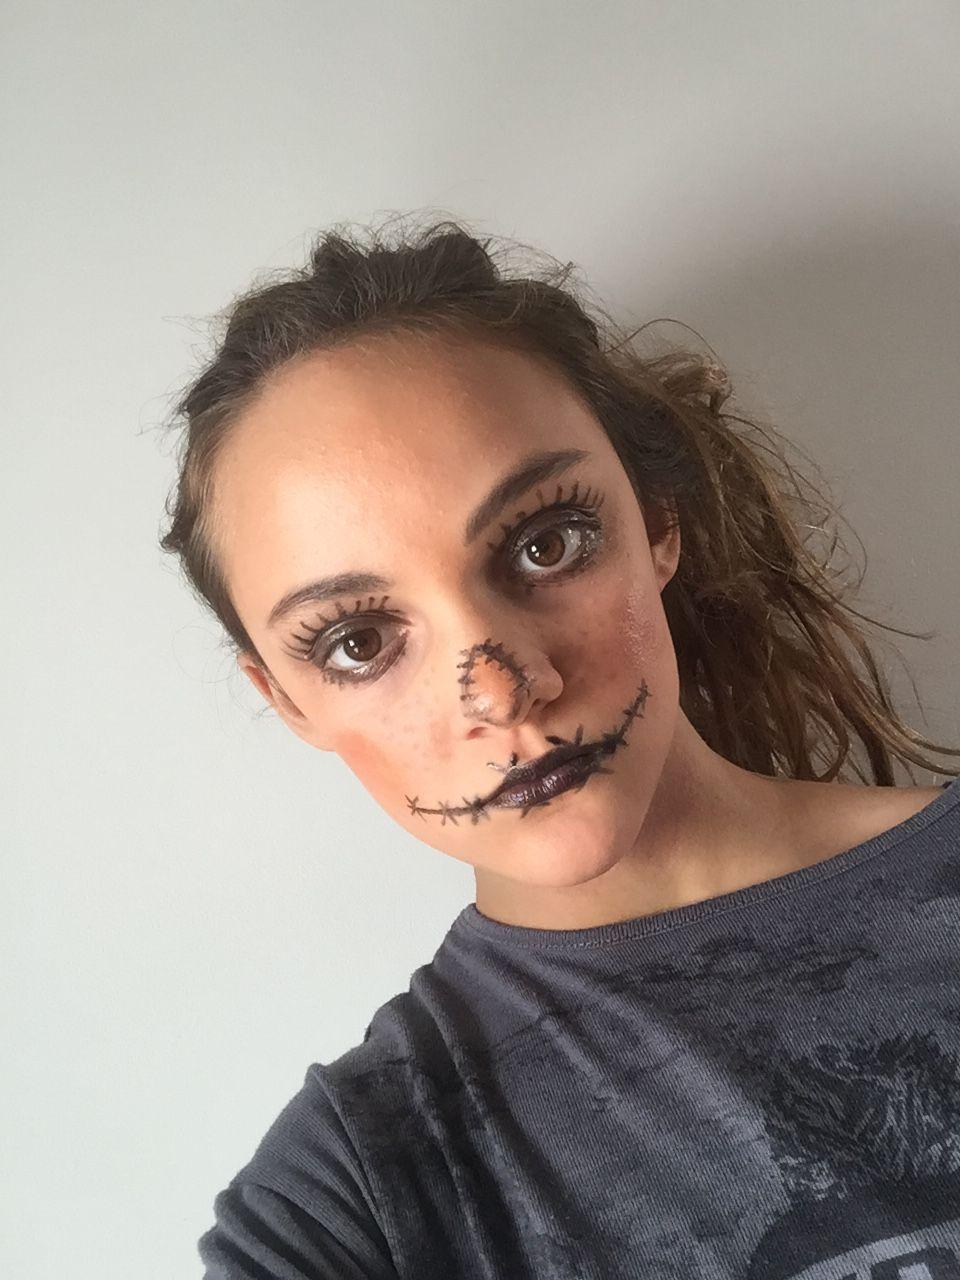 Maquillage très facile à faire pour toute âge